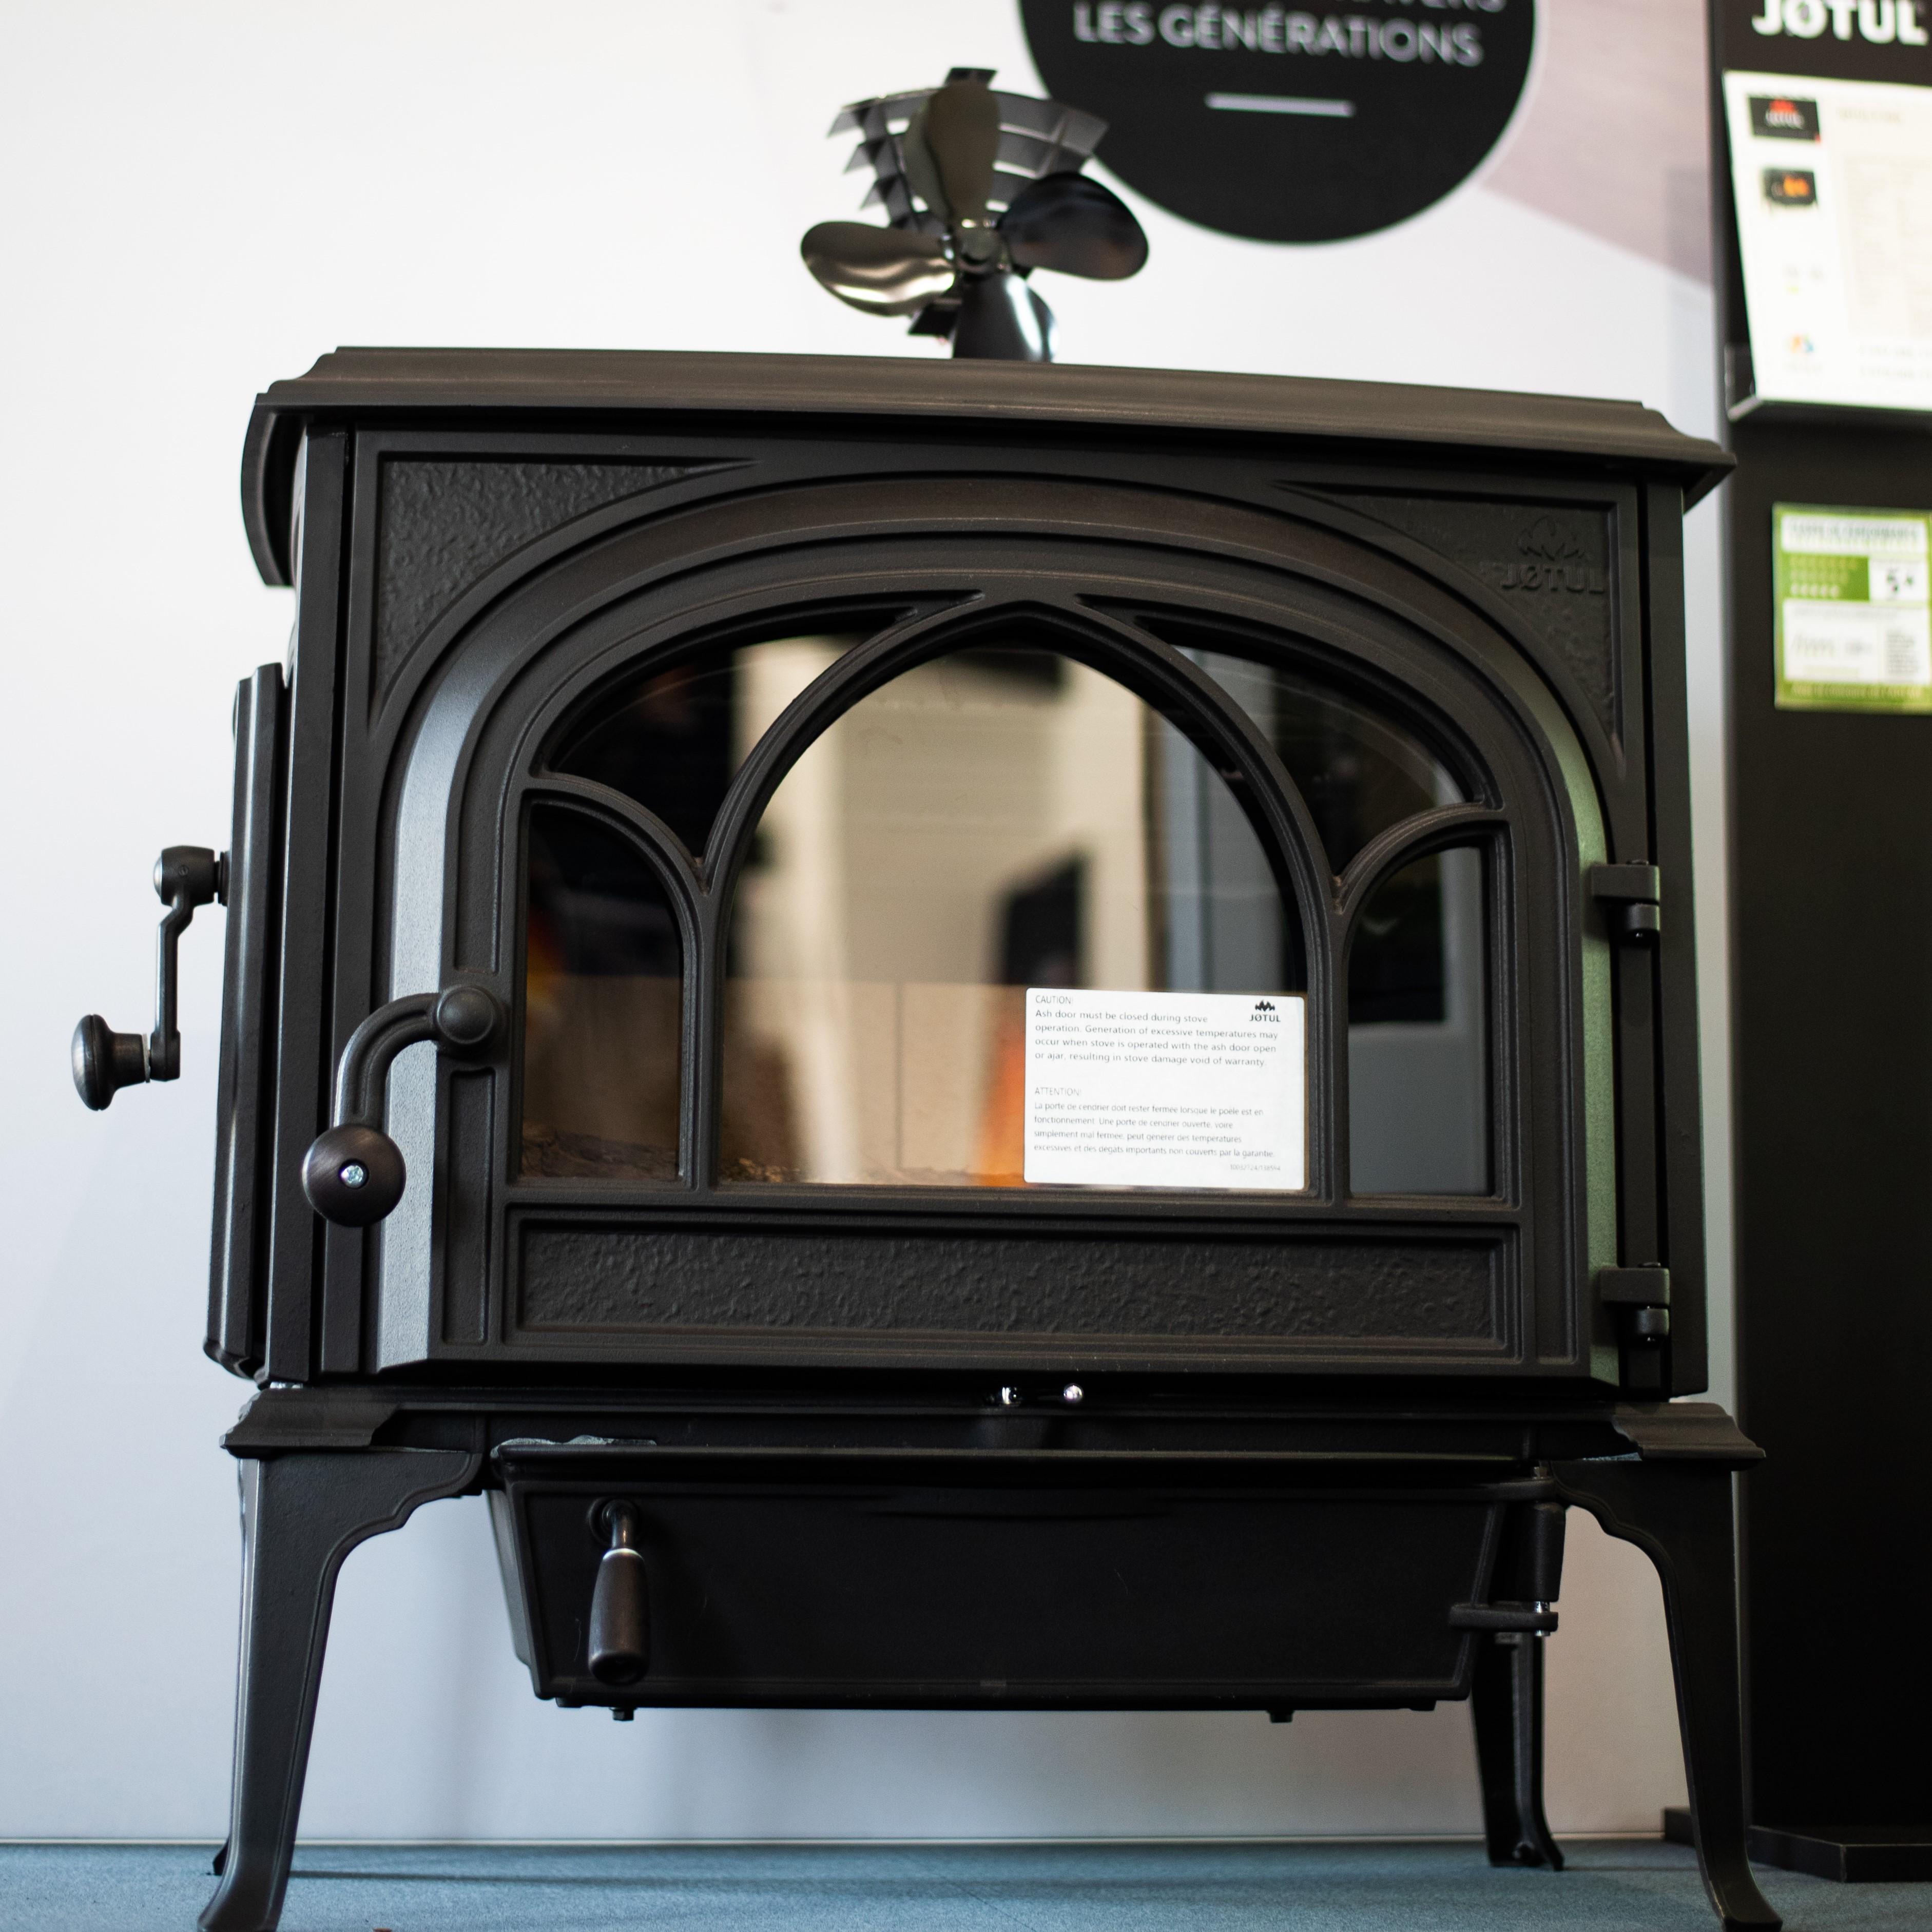 Showroom JOTUL Savigné, Giraud & Fils, poêle à bois, JOTUL F 500, classique, chargement latéral